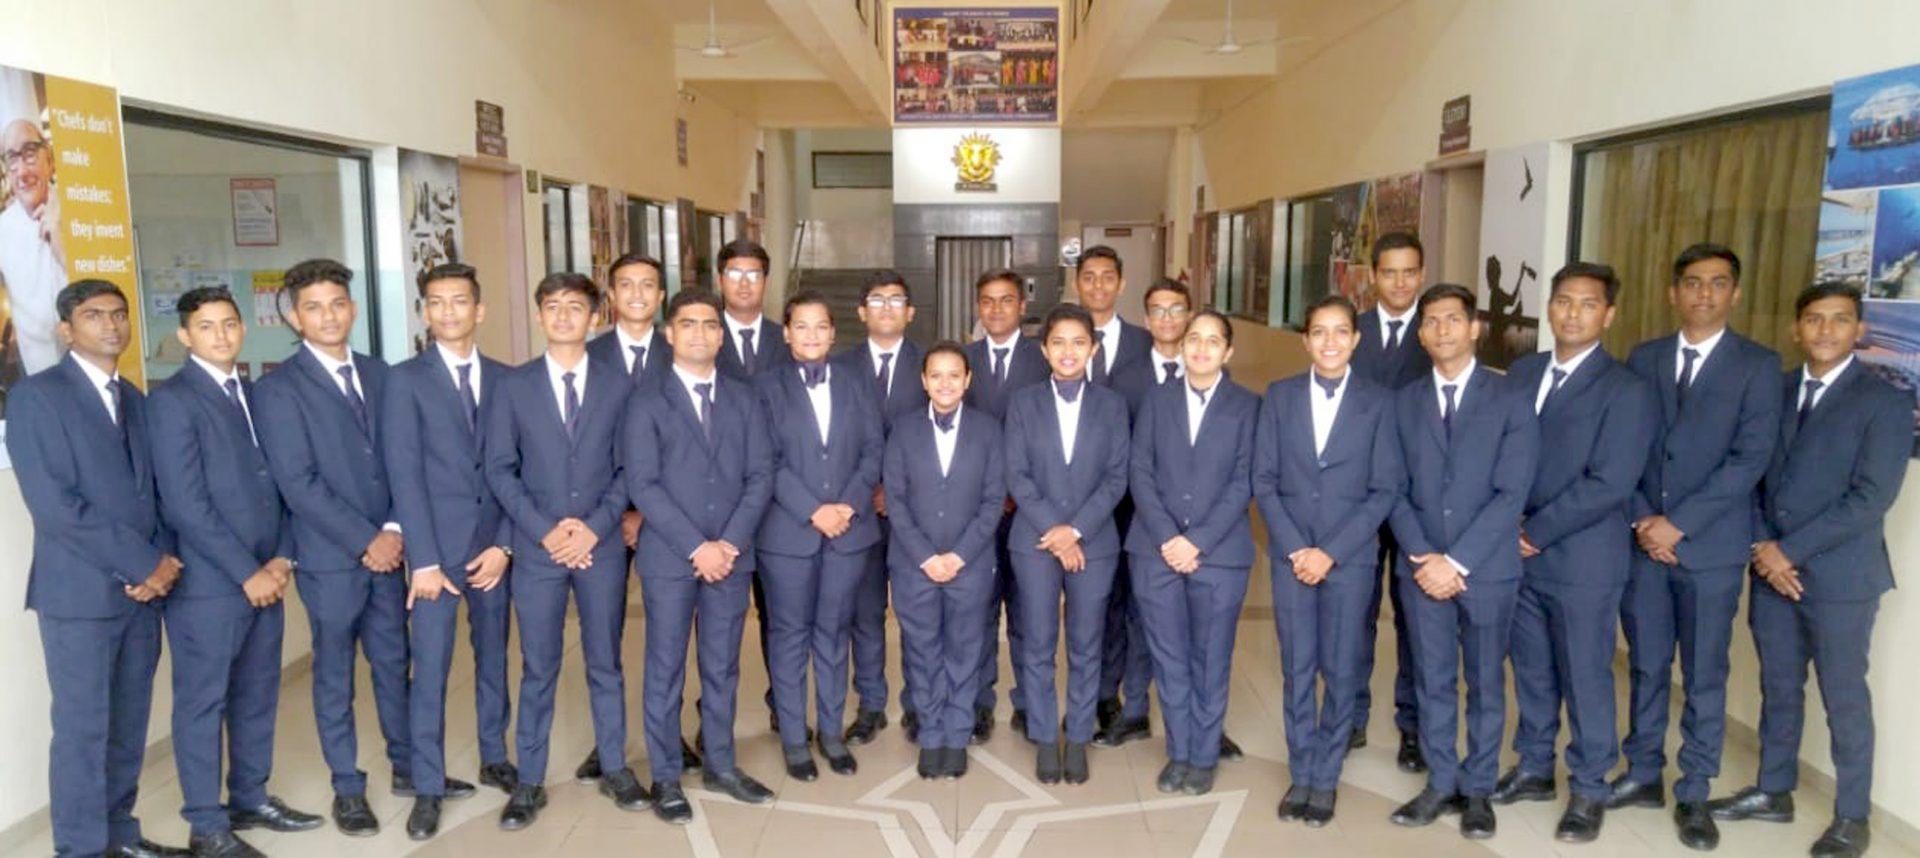 सूर्यदत्ता कॉलेज ऑफ हॉटेल मॅनेजमेंट अँड ट्रॅव्हल टुरिझमच्या ३३ विद्यार्थ्यांना परदेशातील हॉटेलामध्ये इंटर्नशिपची संधी